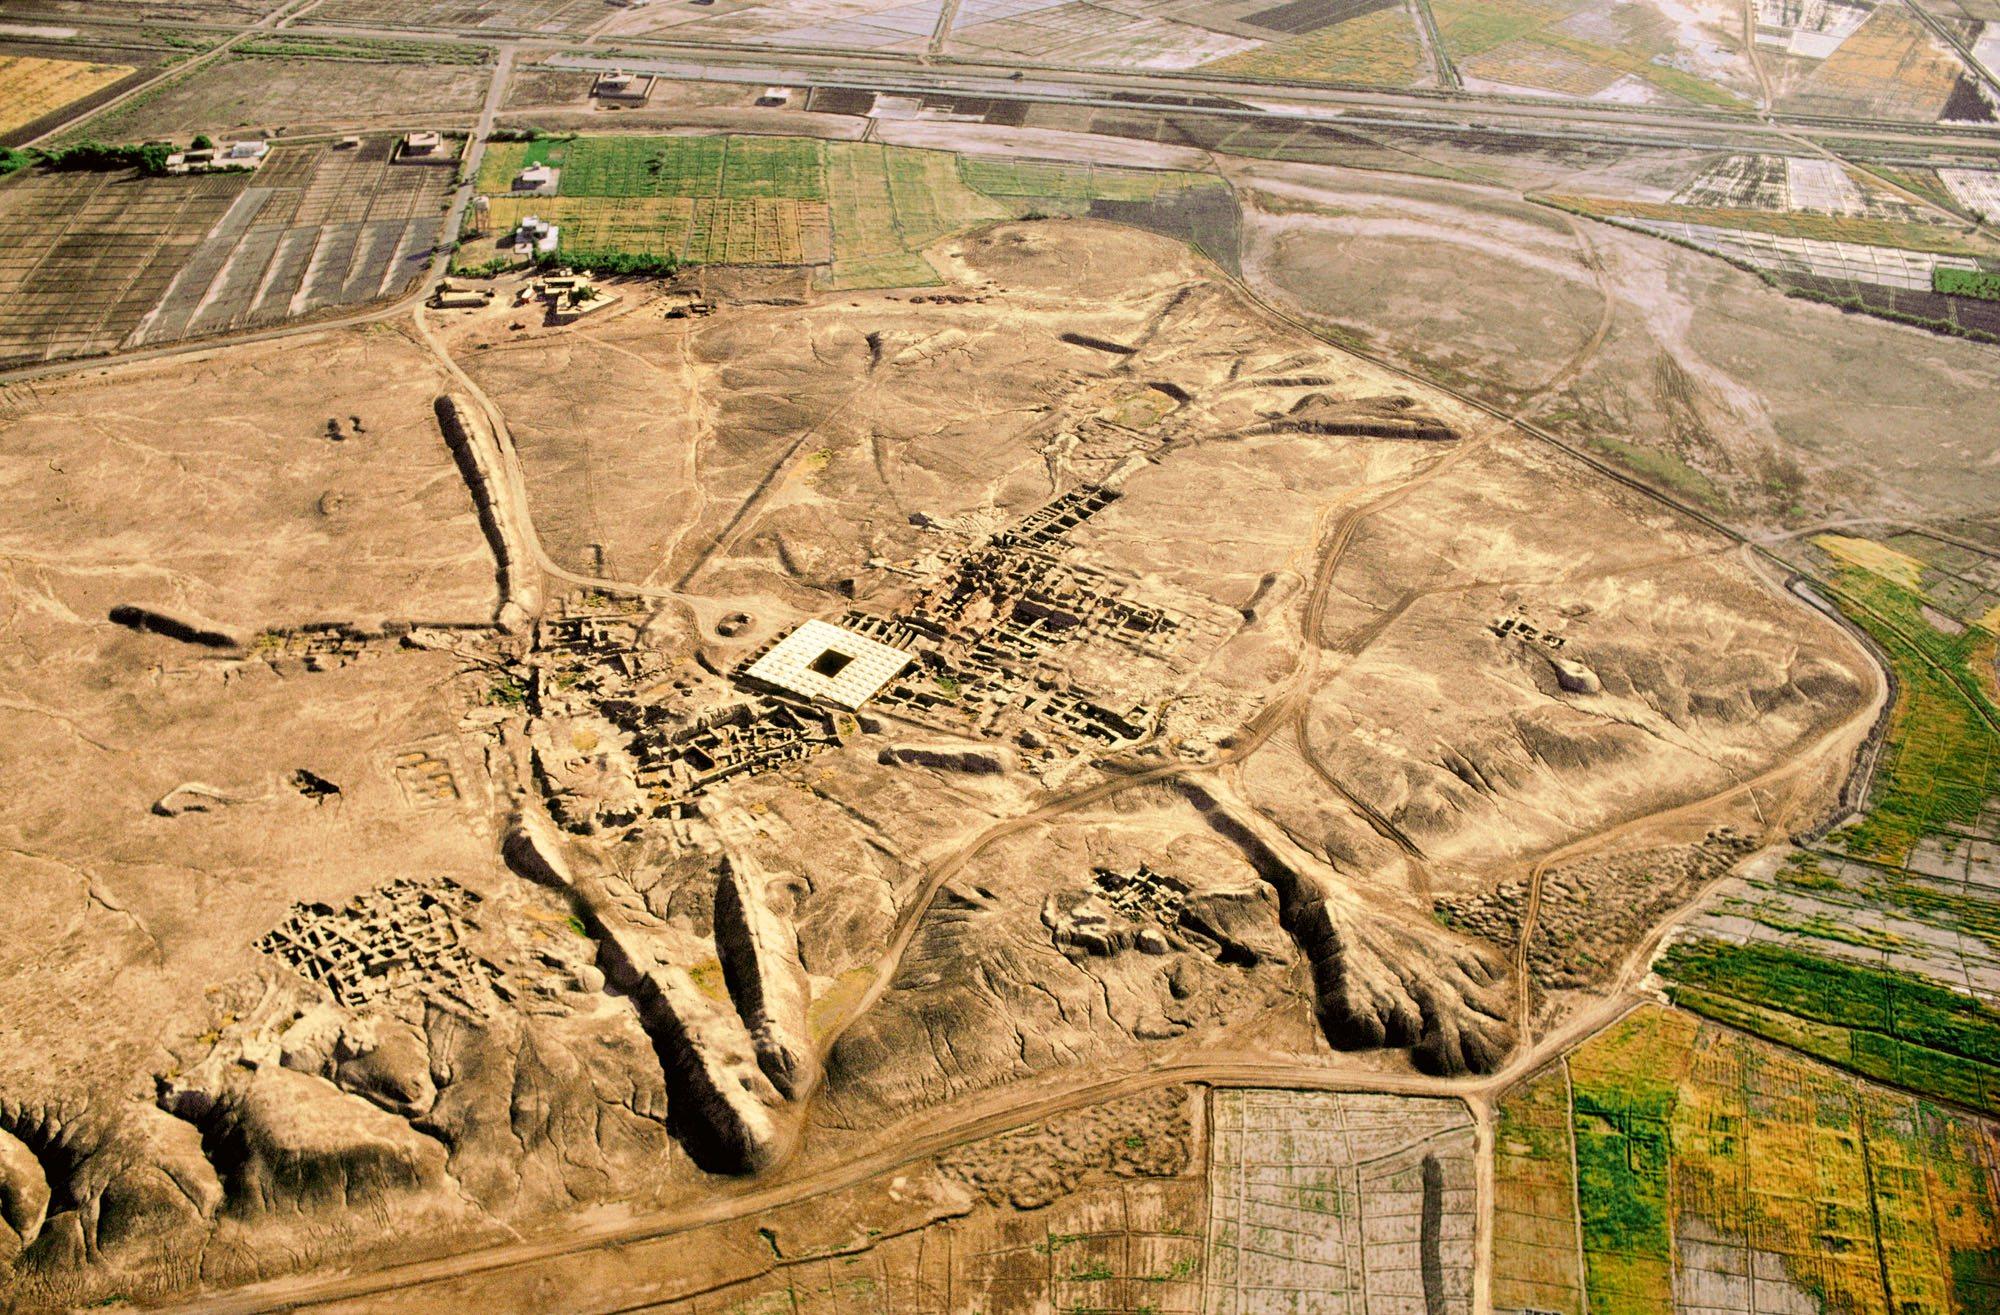 Vista desde el aire del yacimiento arqueológico de la ciudad de Mari